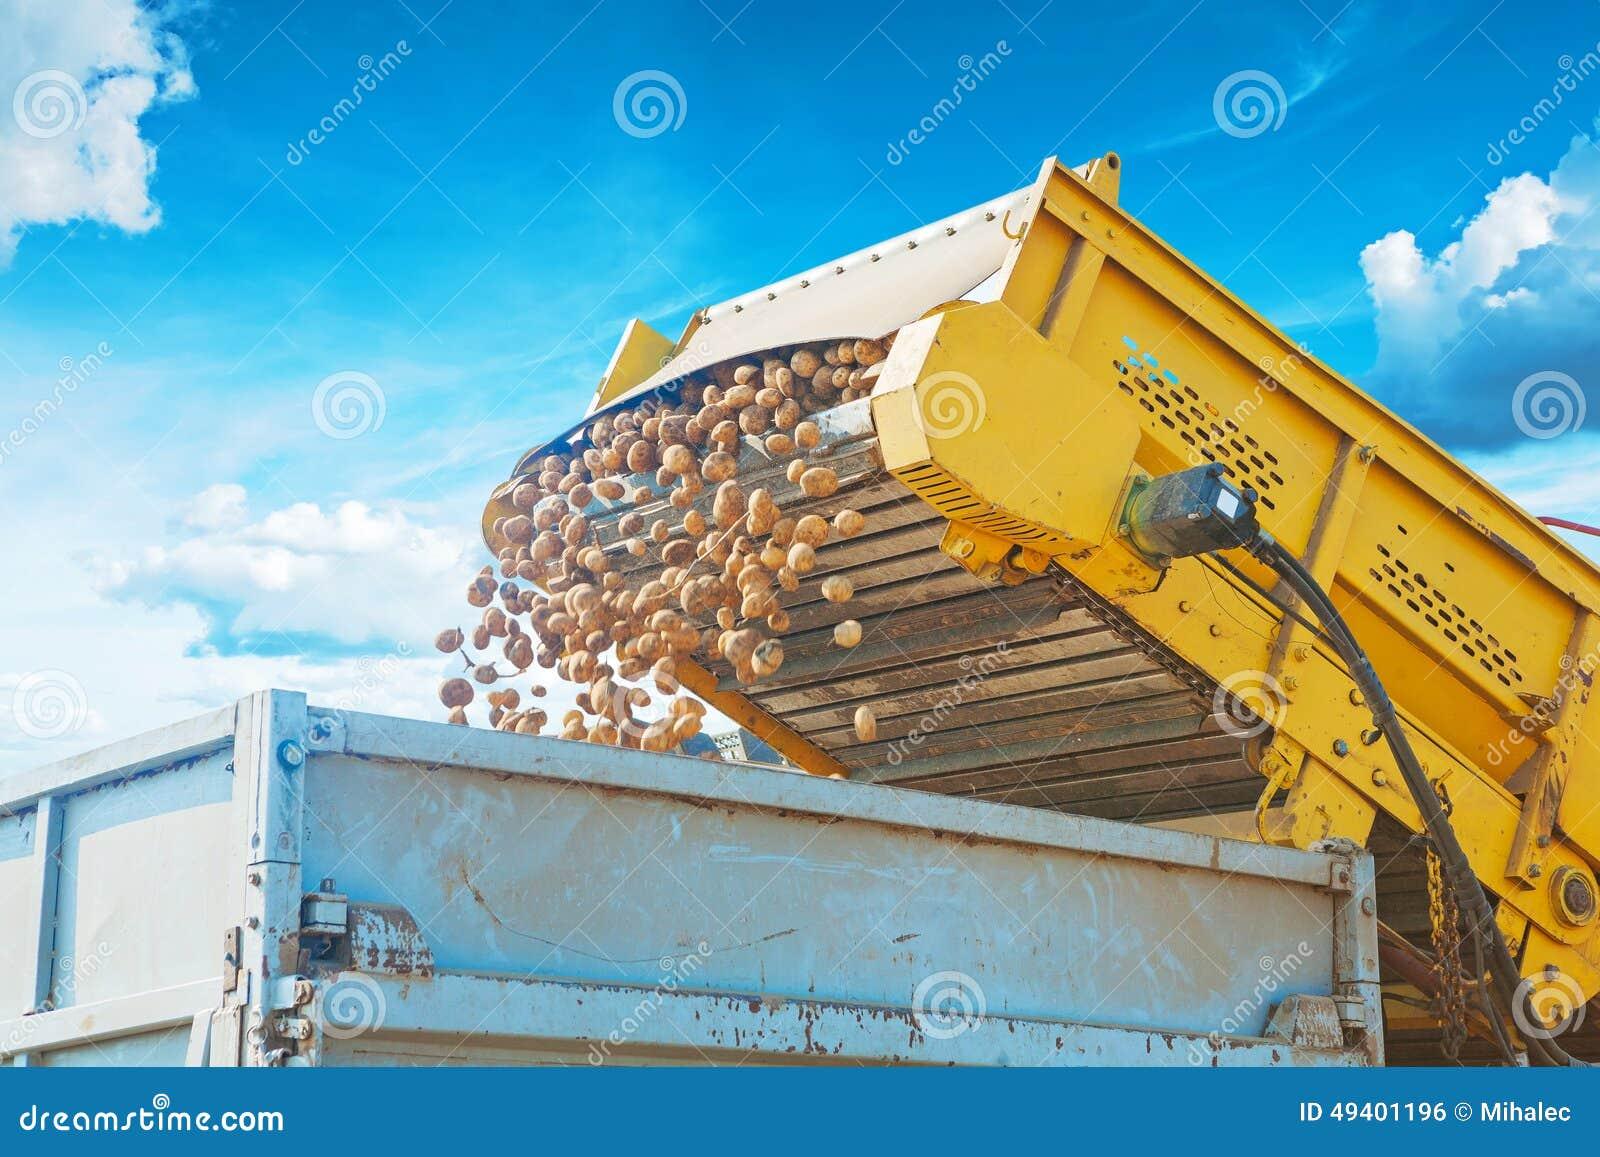 Download Loadding-Kartoffel In Kipper An Der Ernte An Stockfoto - Bild von nahrung, industrie: 49401196